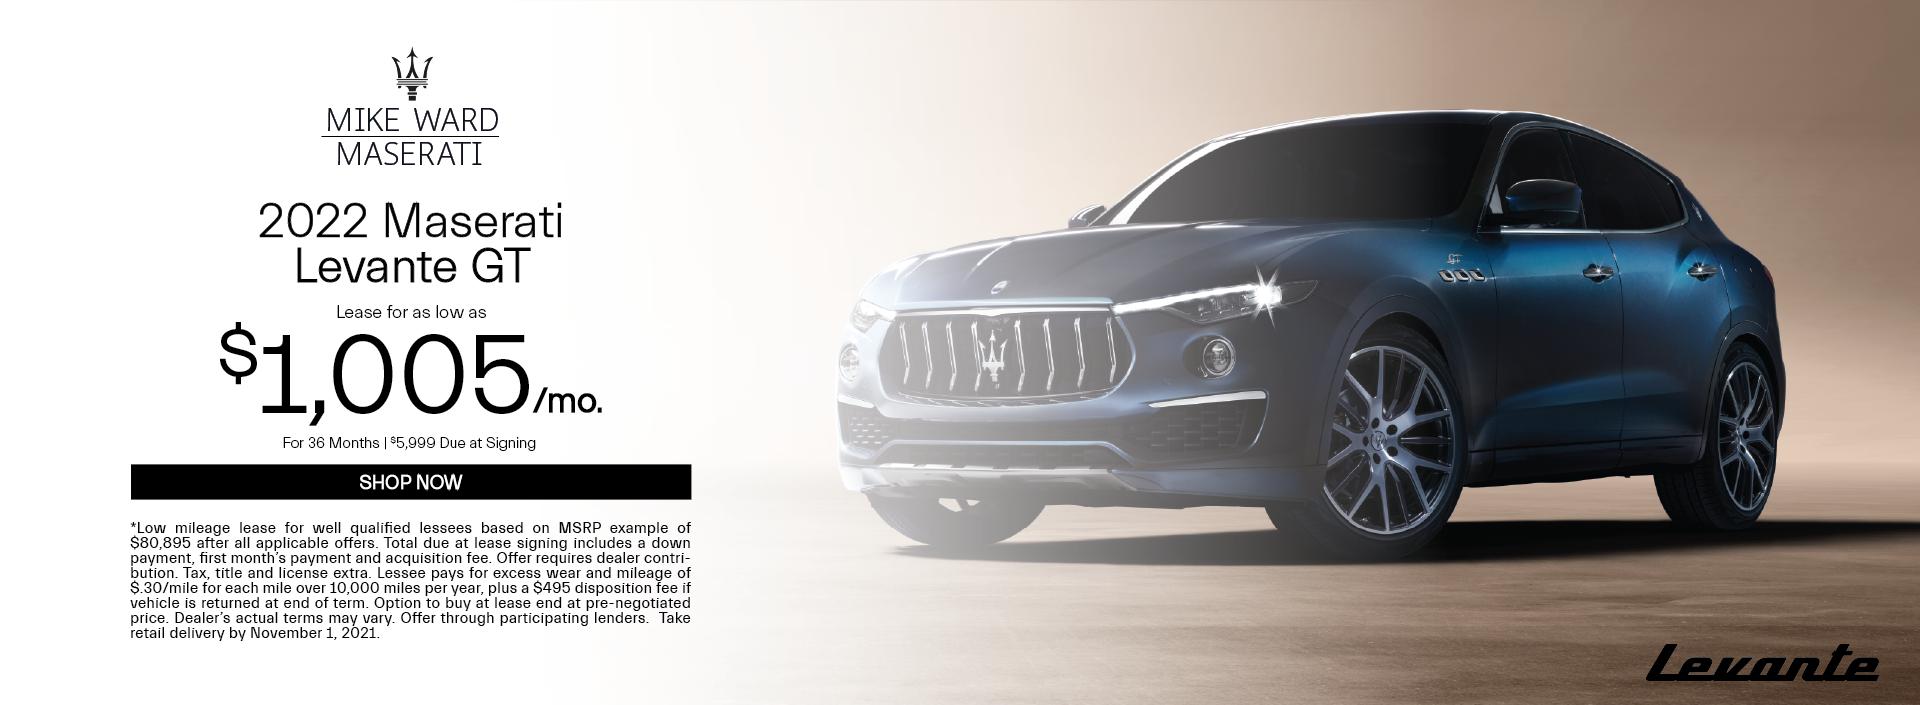 2022 Maserati Levante GT